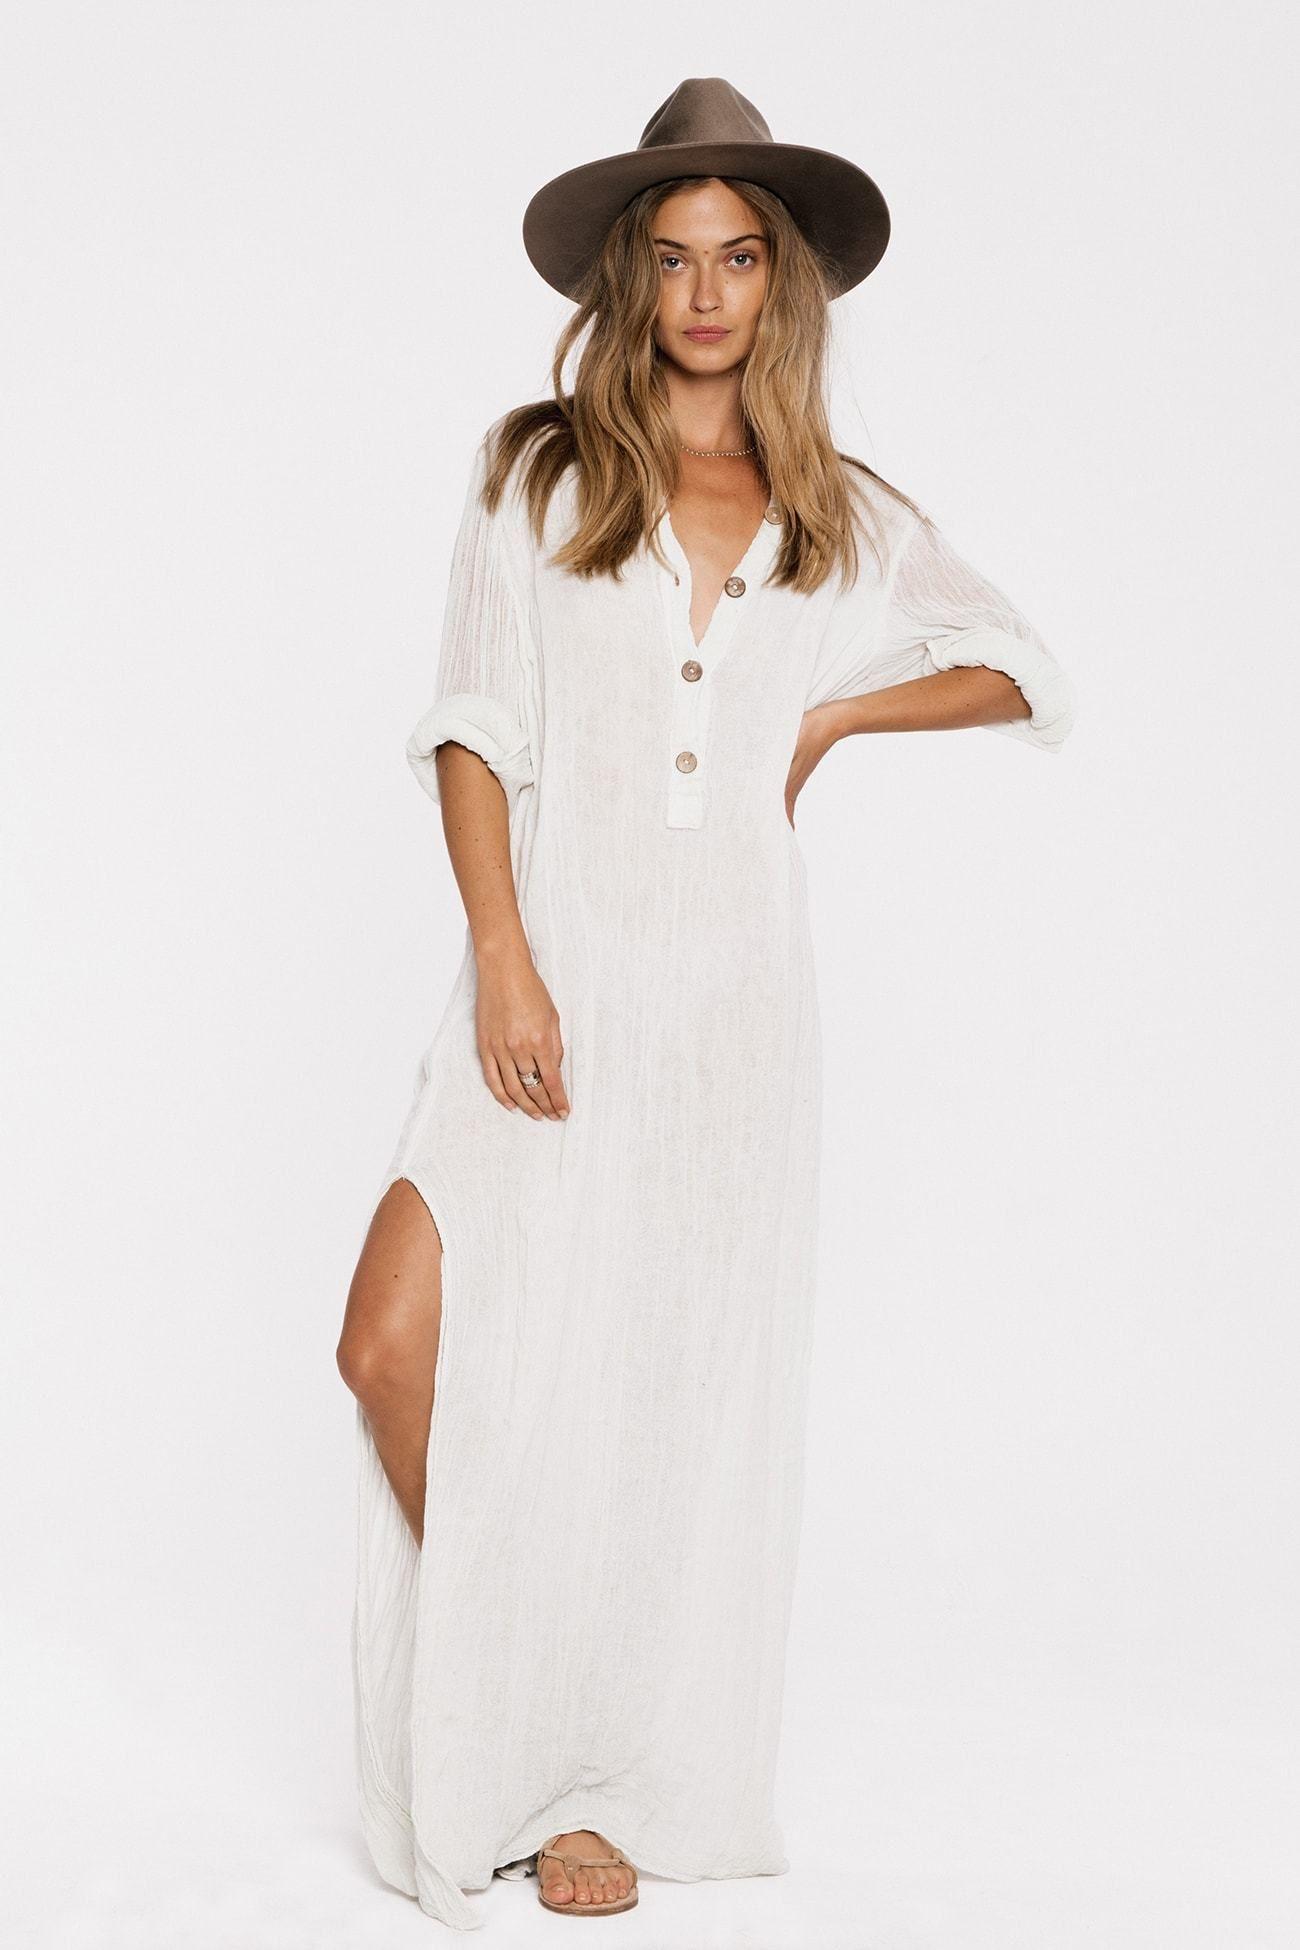 Gauze Borneo Maxi Dress Maxi Dress With Sleeves Summer Maxi Dress Maxi Dress [ 1950 x 1300 Pixel ]